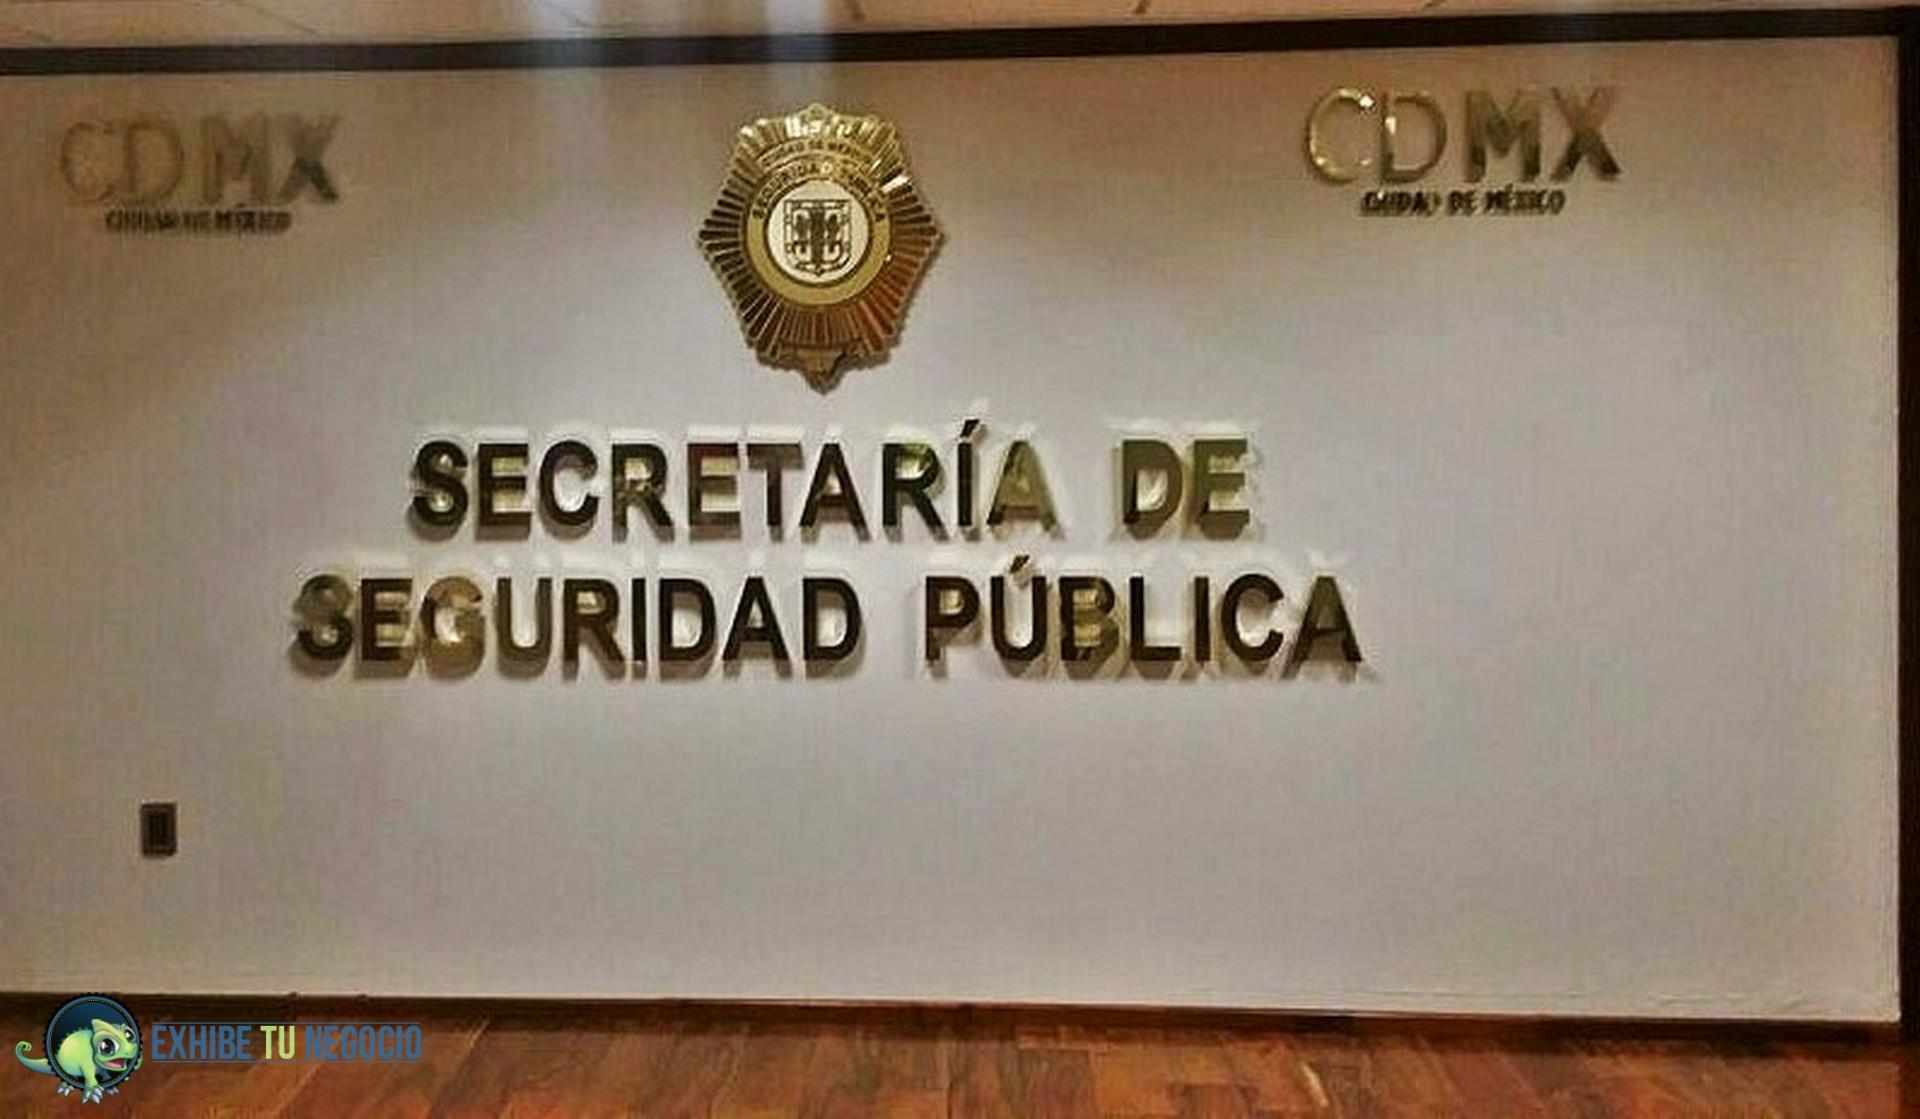 letras_corporea_gobierno00